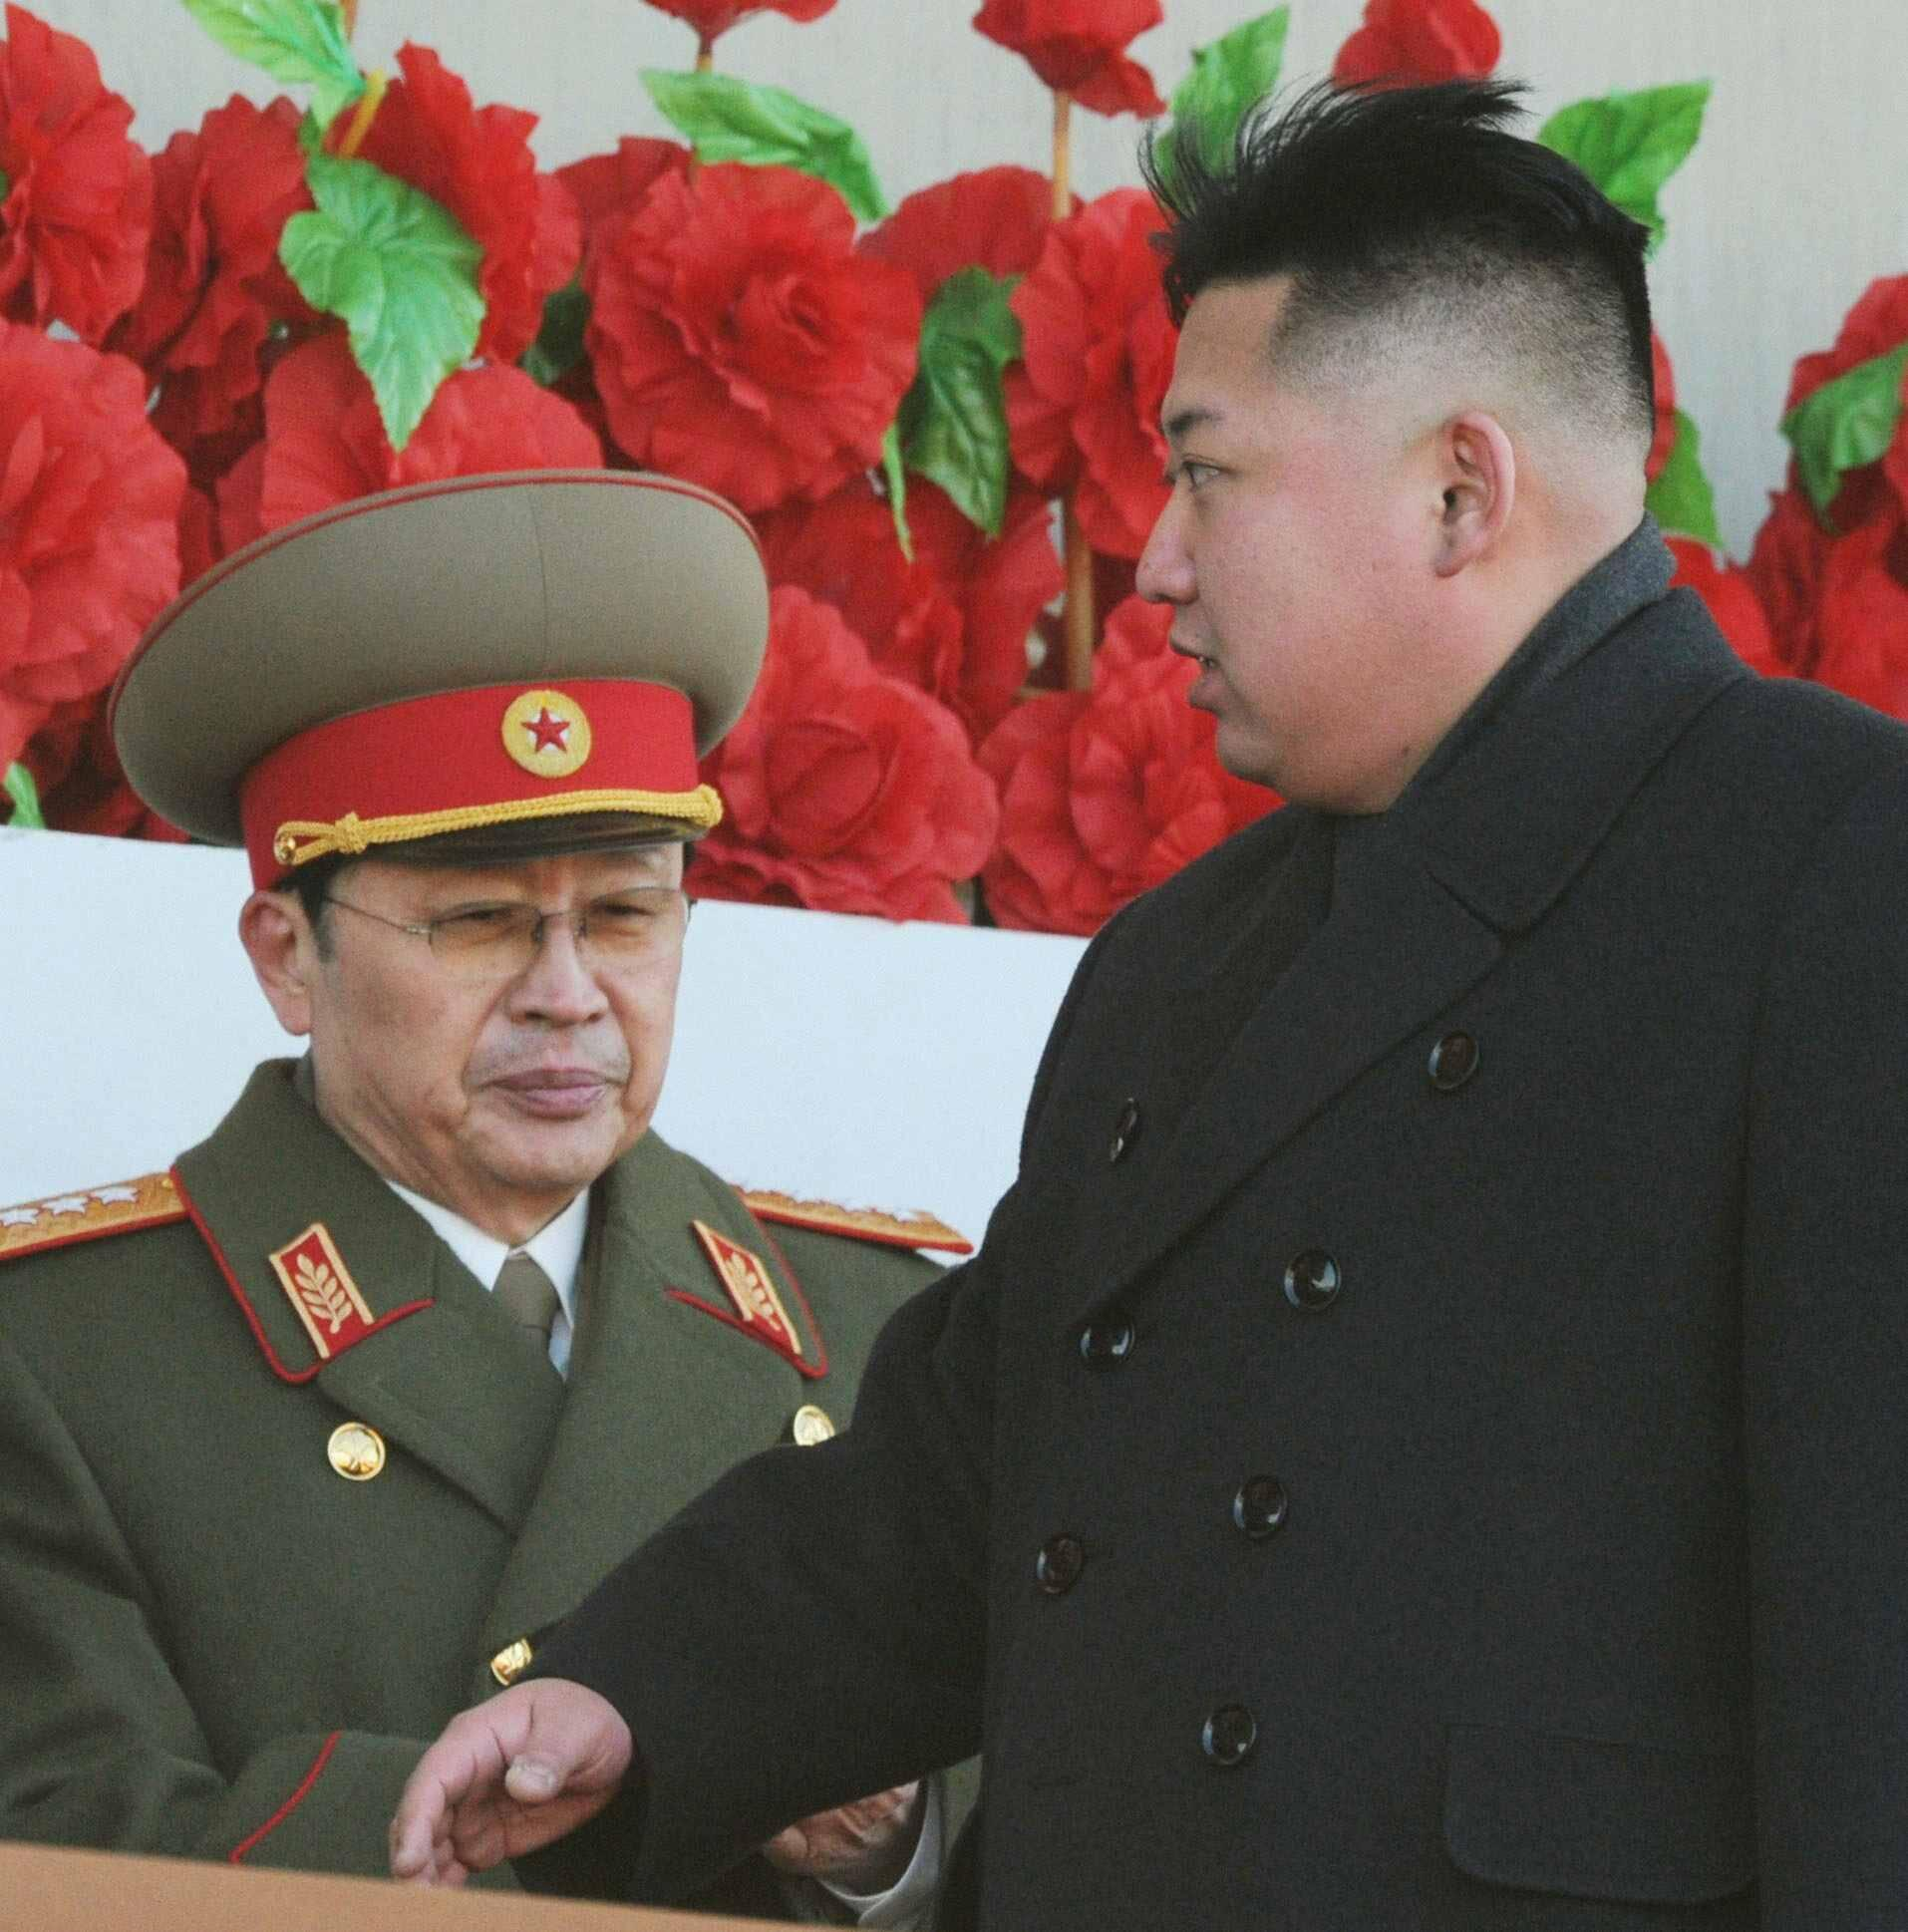 Lãnh đạo Bắc Triều Tiên Kim Jong-un (P) và ông Jang Song-taek, Bình Nhưỡng, ngày 16/02/2012